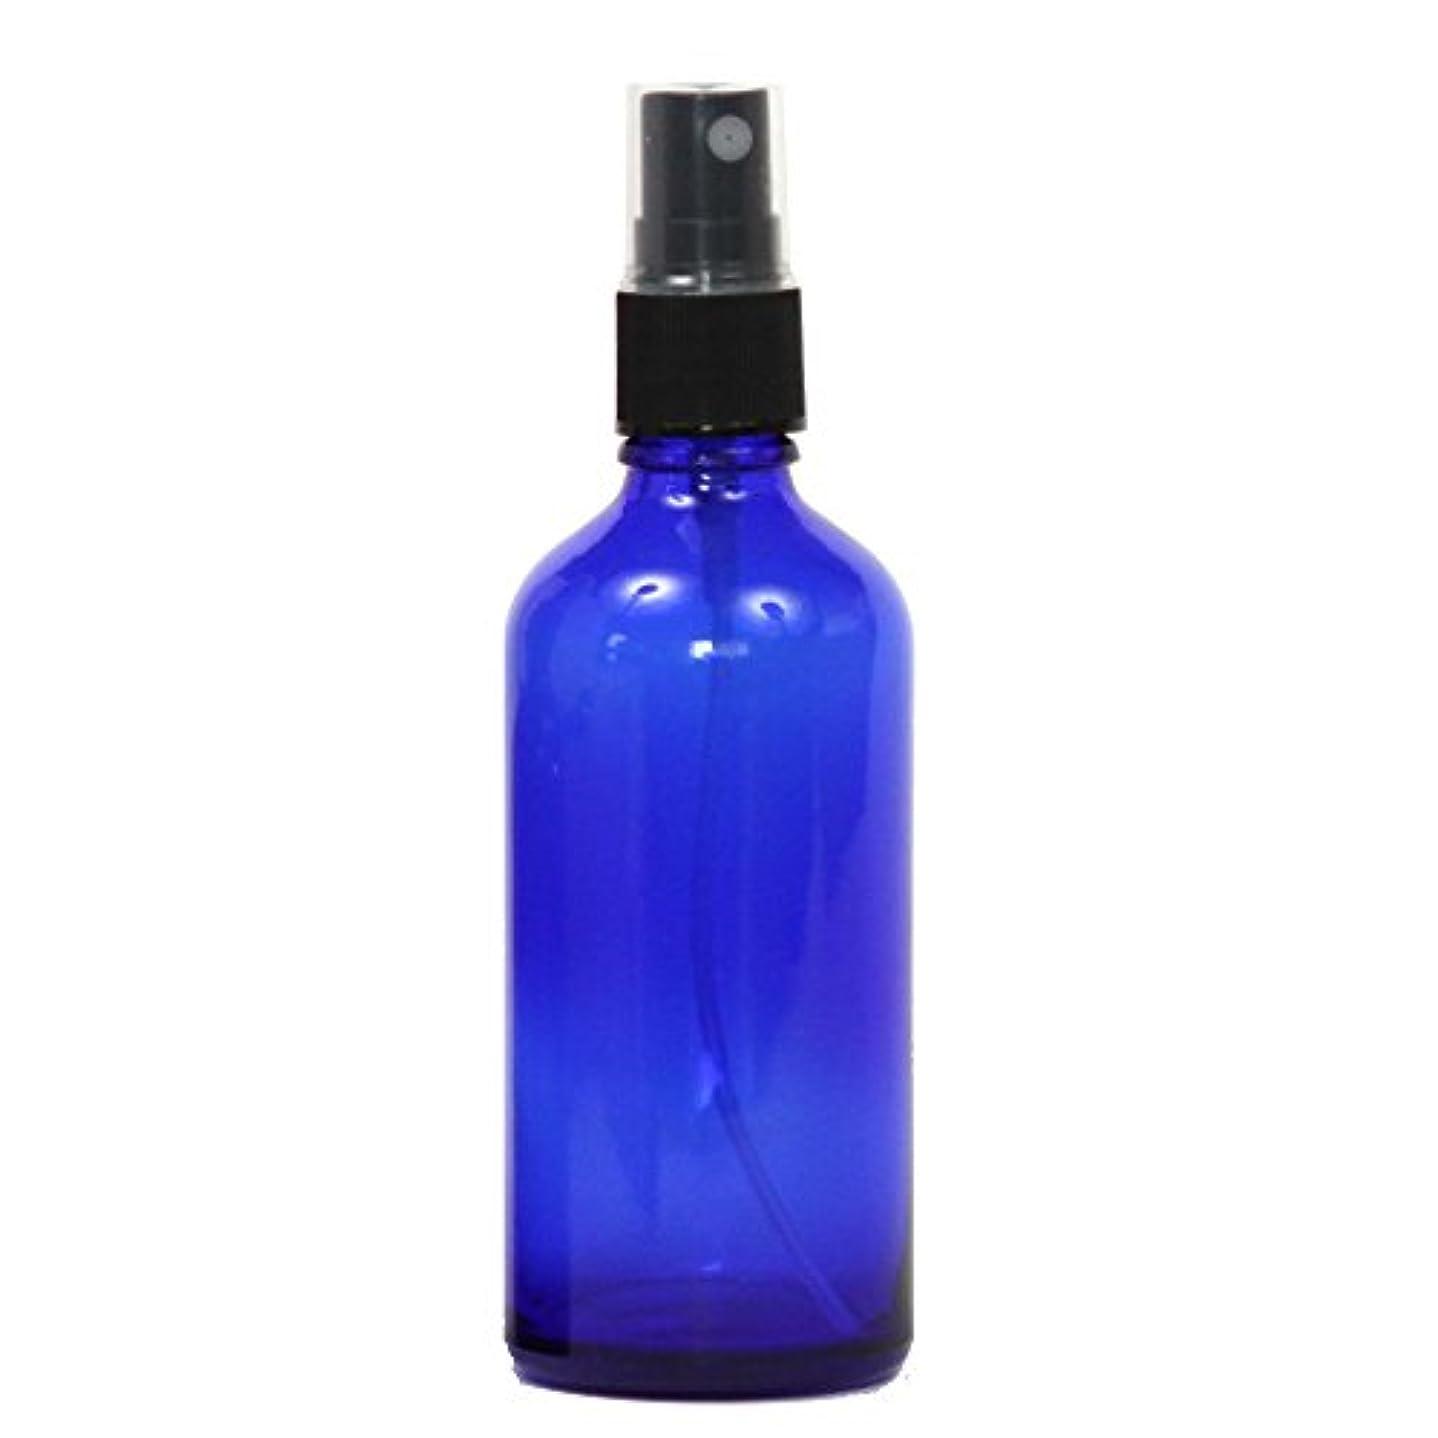 影響する違う姓スプレーボトル ガラス瓶 100mL 【コバルト 青色】 遮光性 ブルーガラスアトマイザー 空容器bu100g